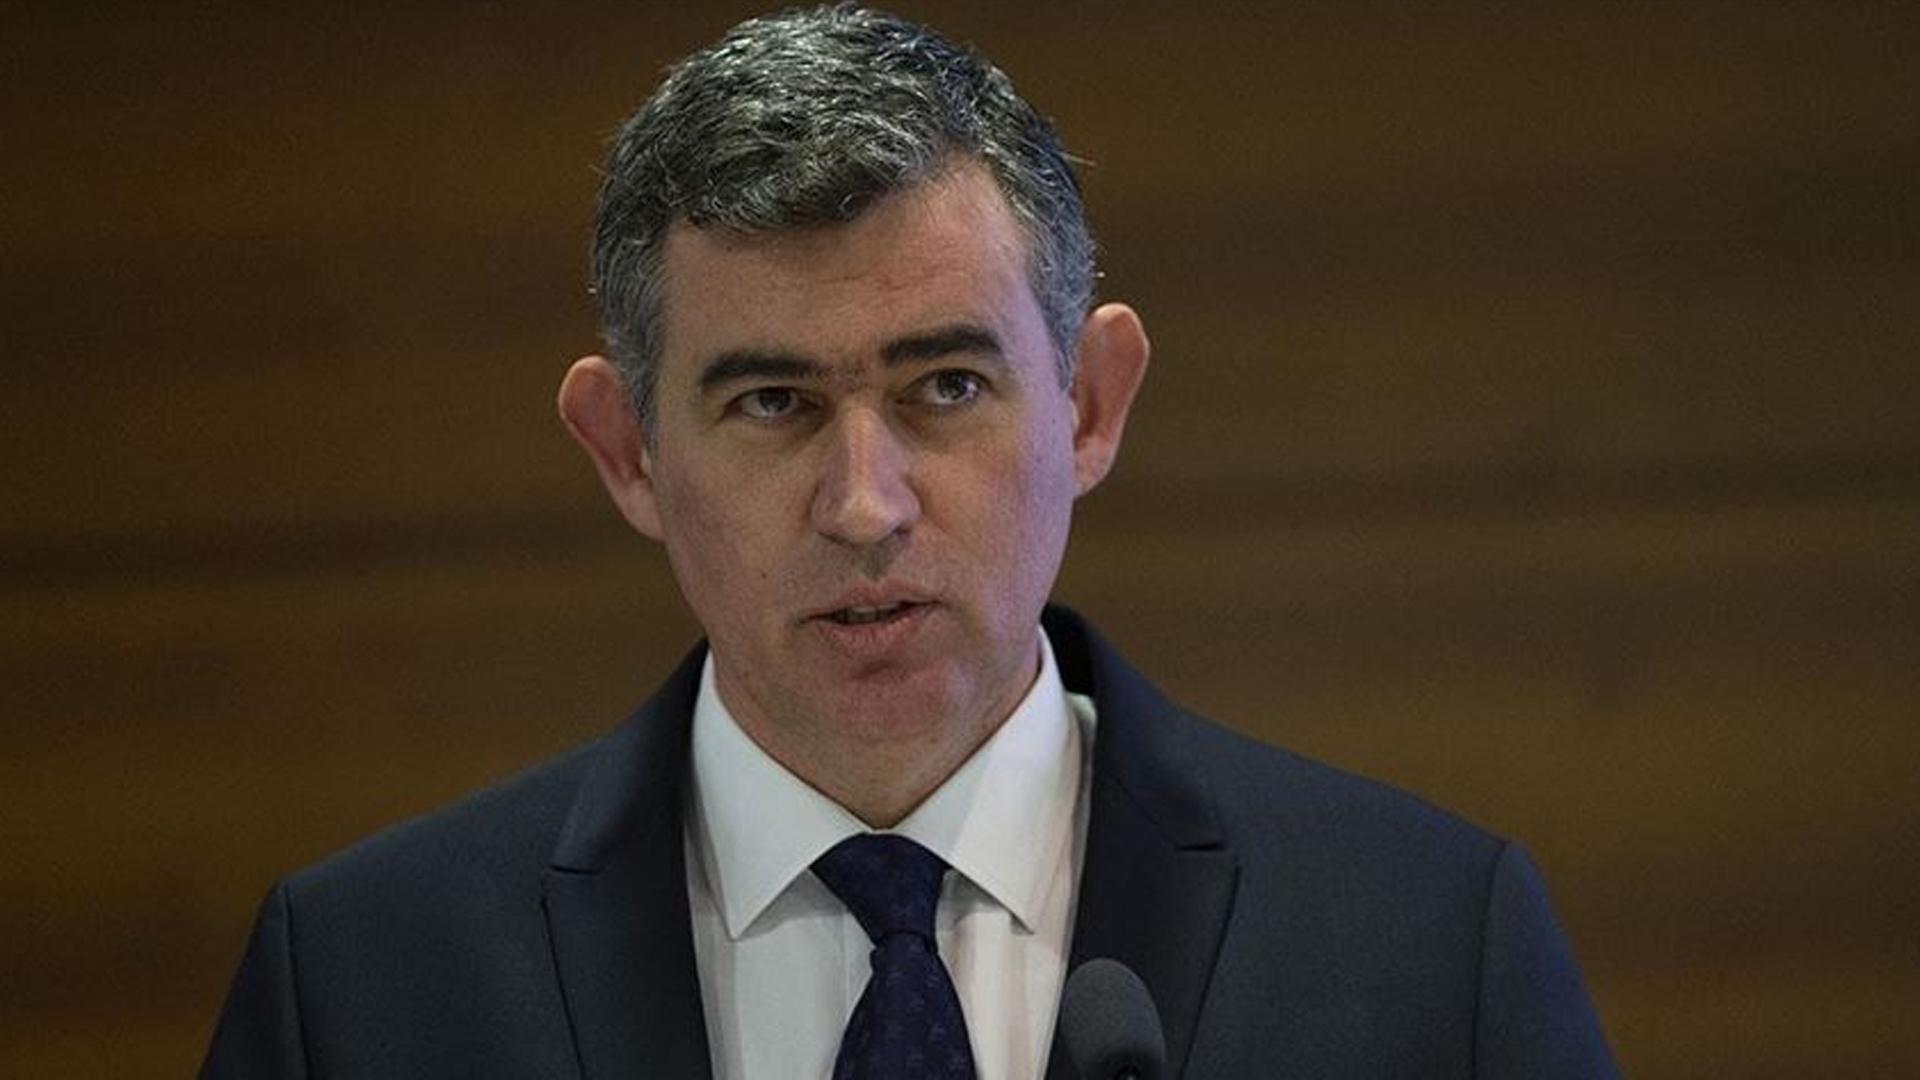 TBB Başkanı Feyzioğlu: Sorunların çözümü hukukun üstünlüğünü sağlamaktan geçer